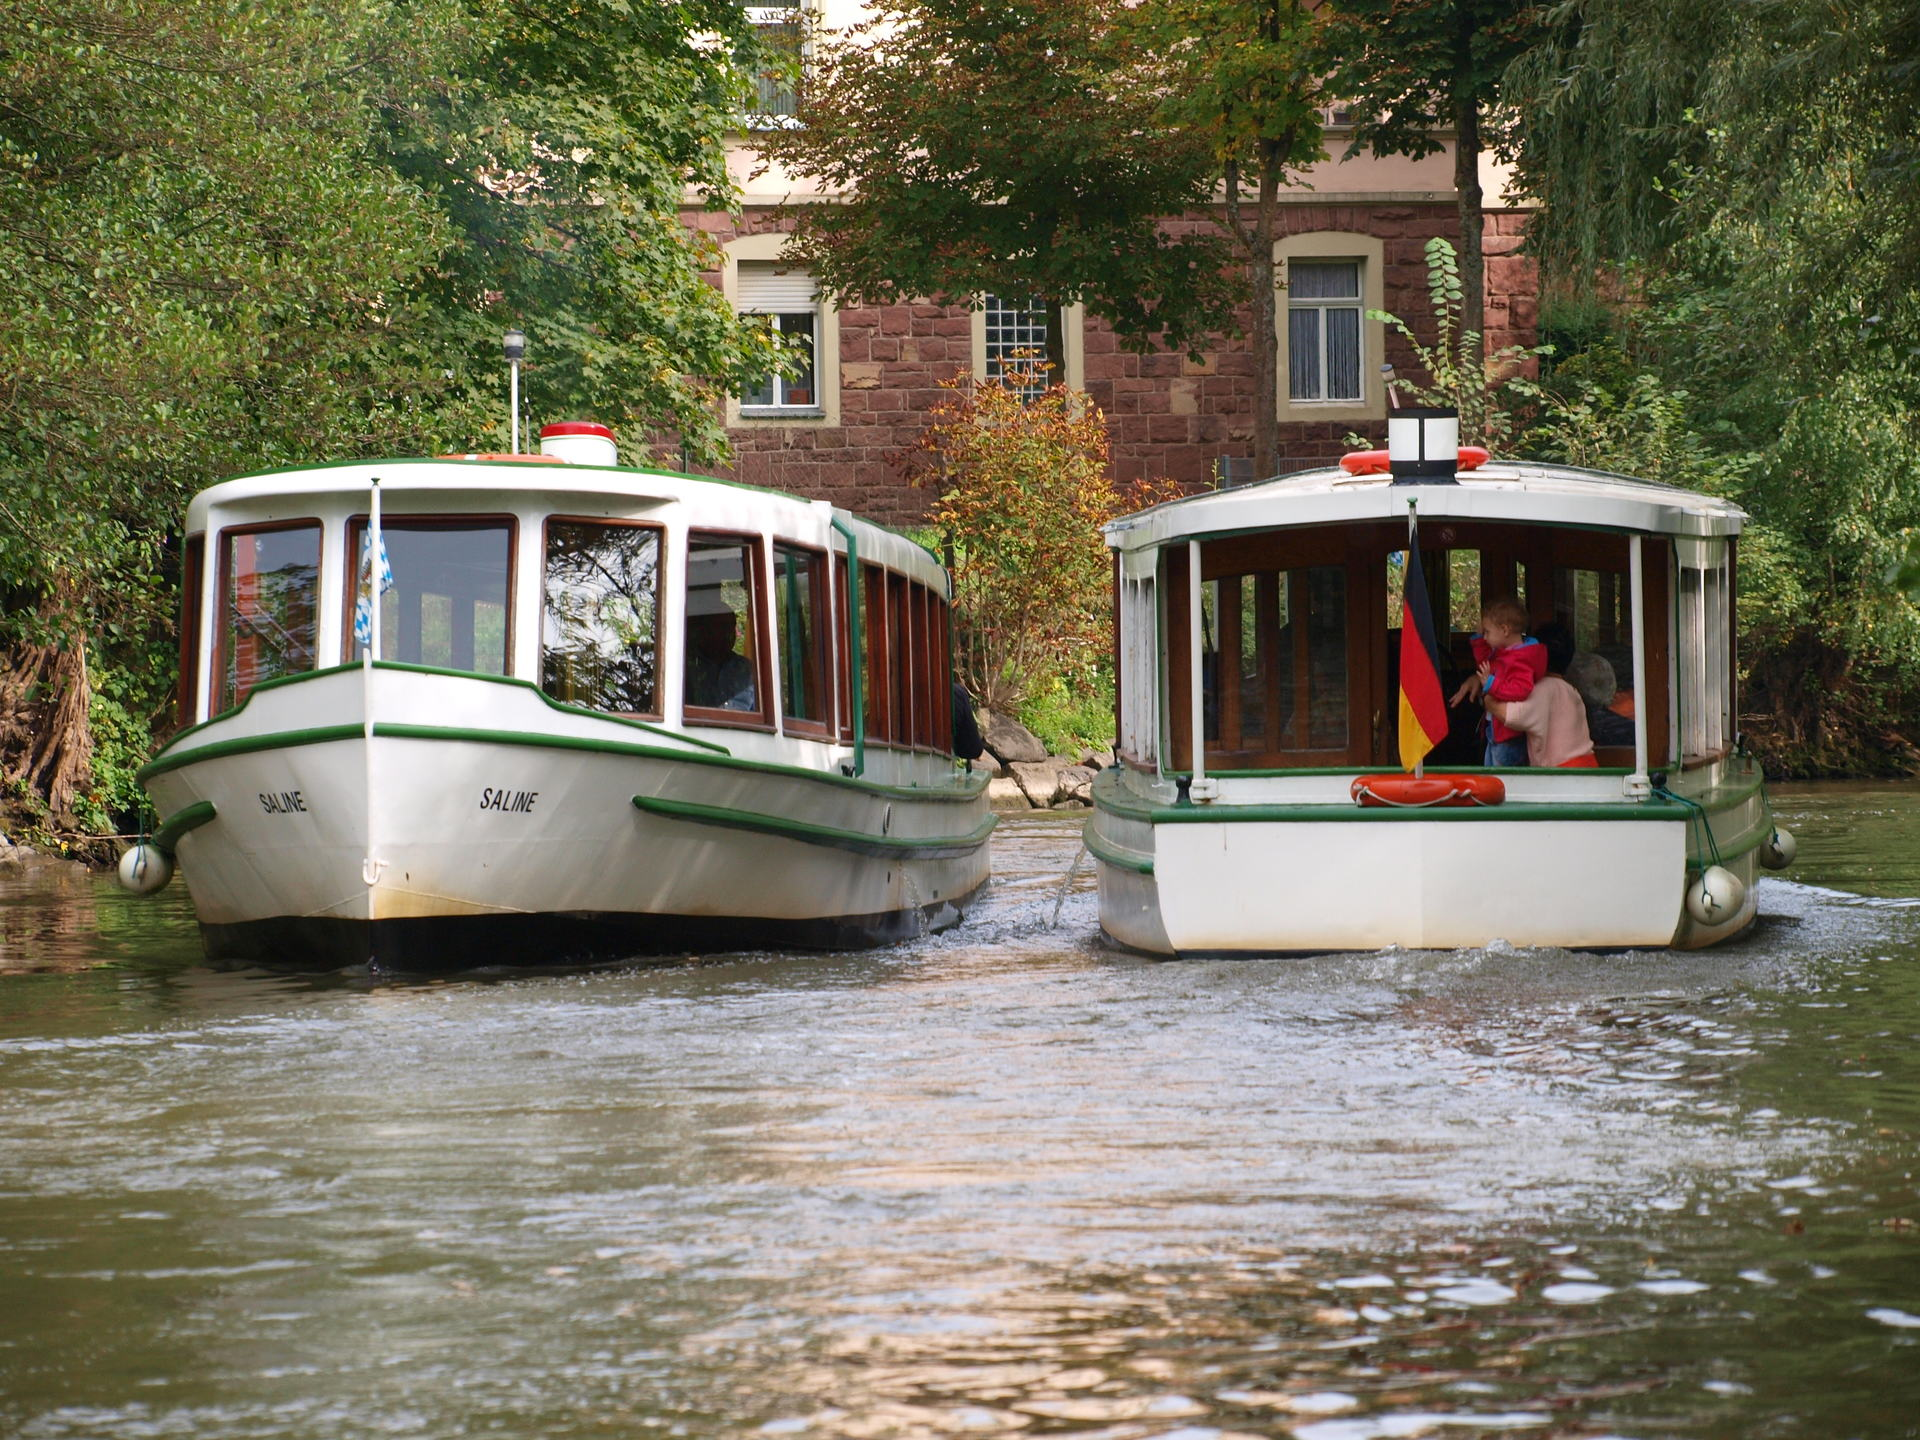 Foto der beiden Dampferle auf der Saale in Bad Kissingen